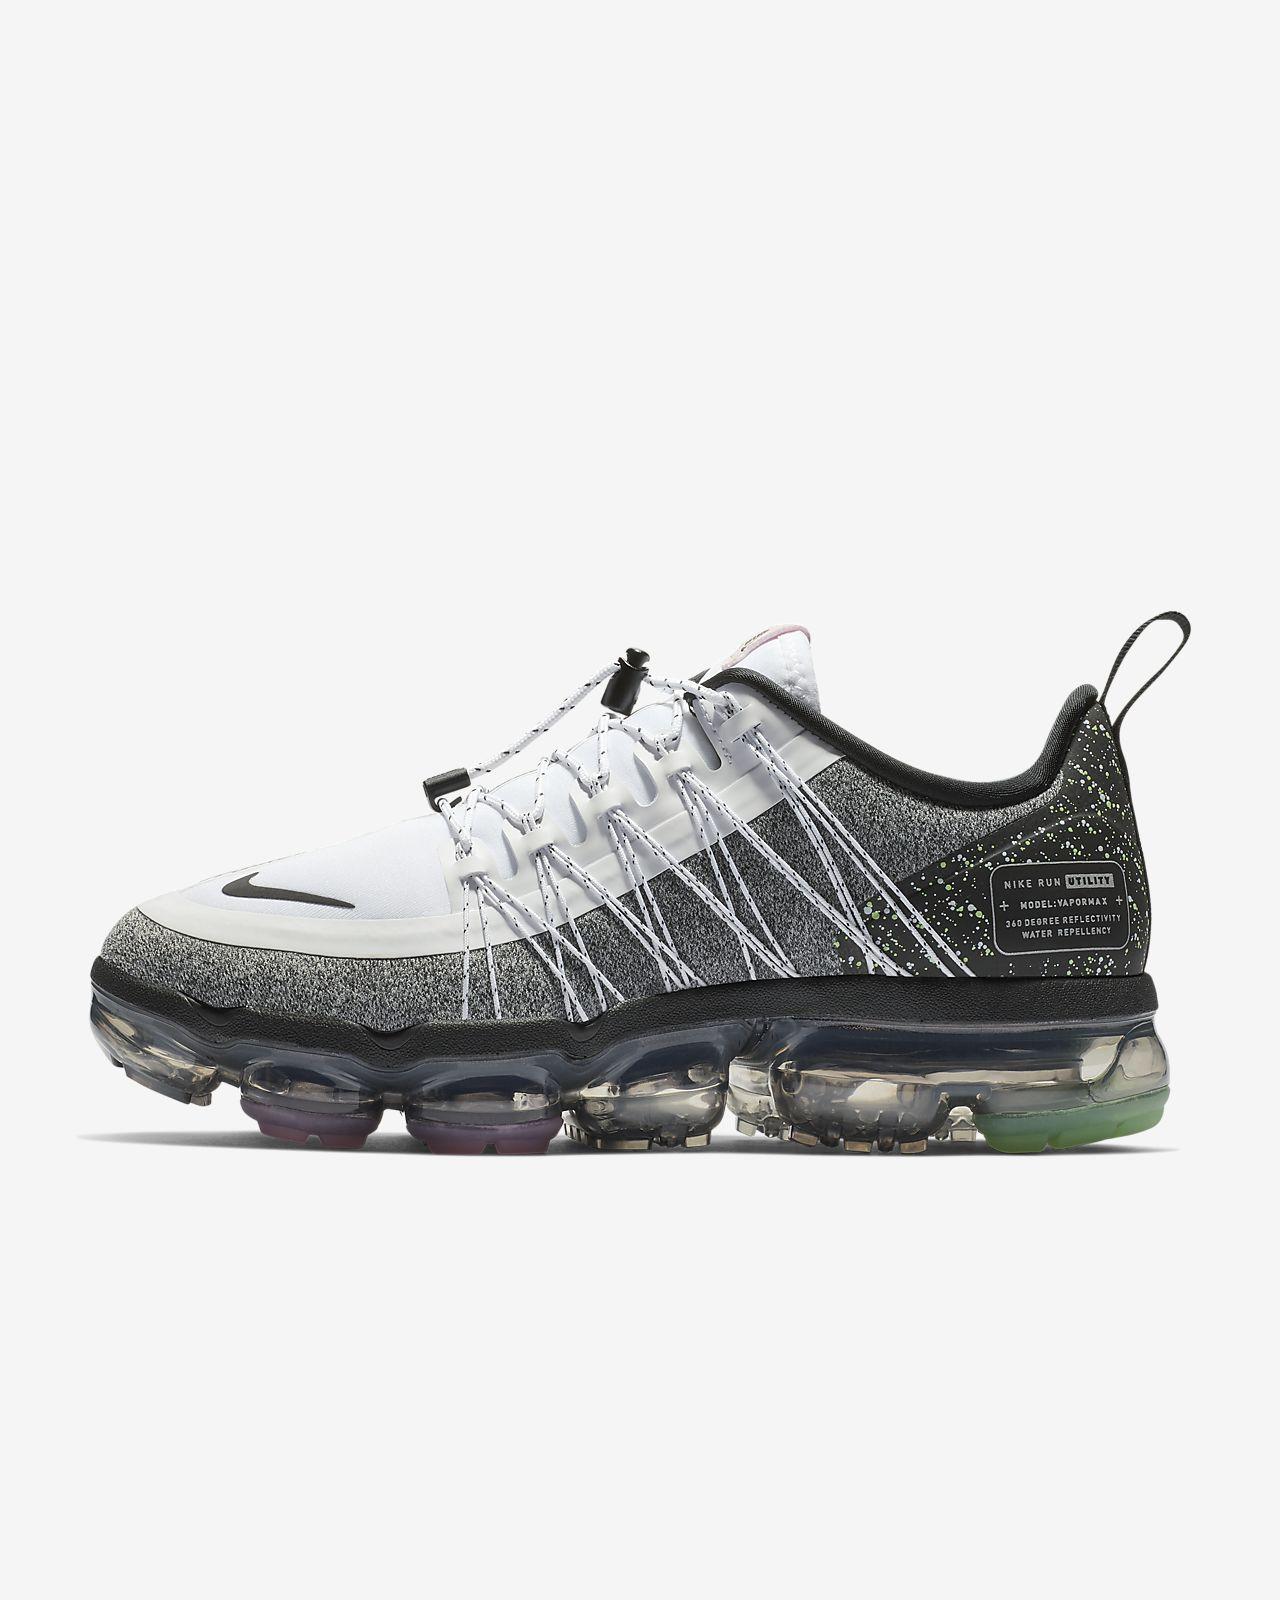 outlet store de8d7 034e0 Utility Femme Vapormax Chaussure Pour Nike Be Air t7qABFxz